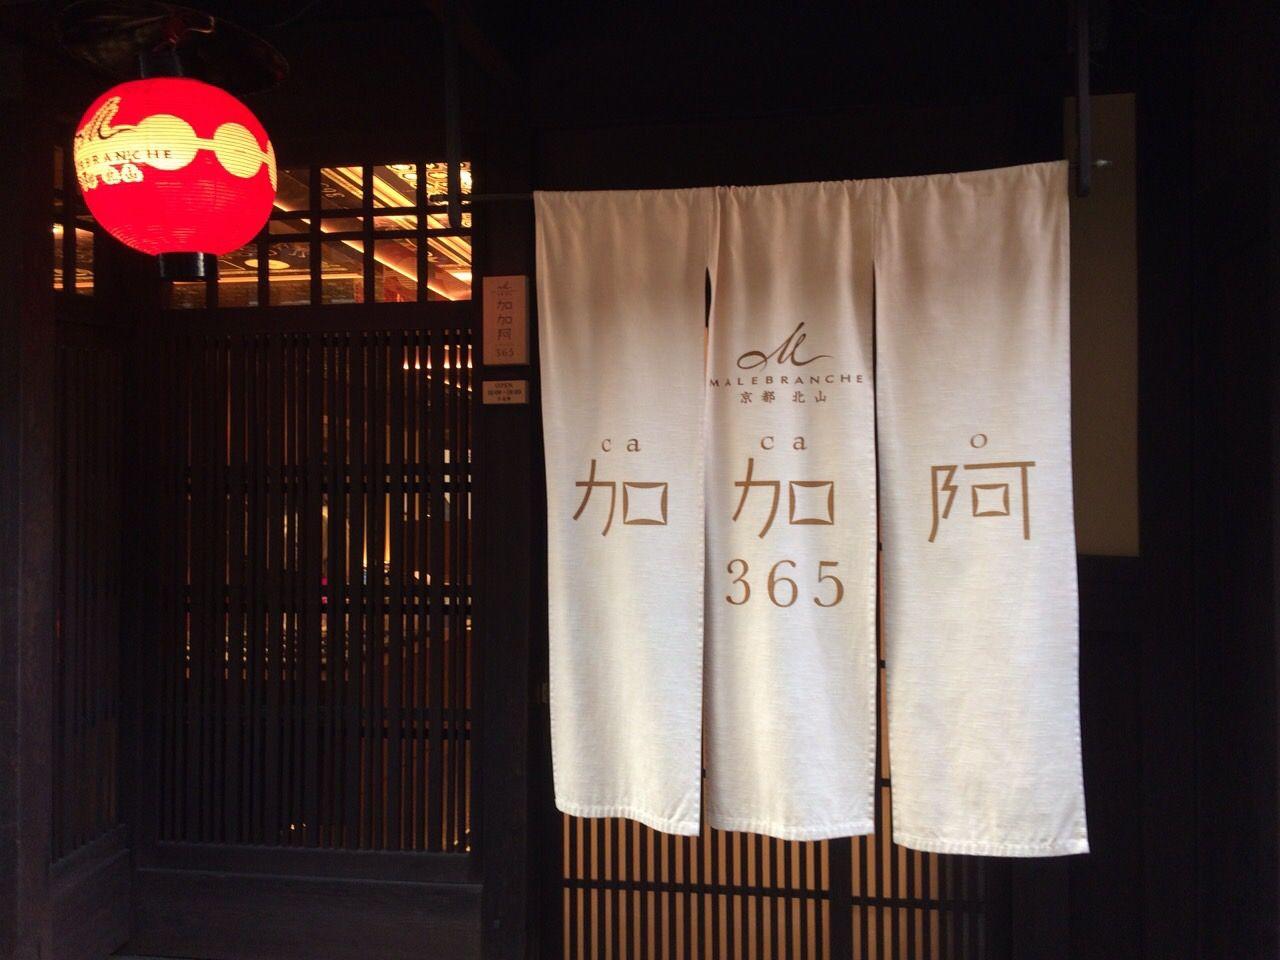 祇園花見小路から路地を入ると現れるマールブランシュのチョコレート専門店「加加阿365」